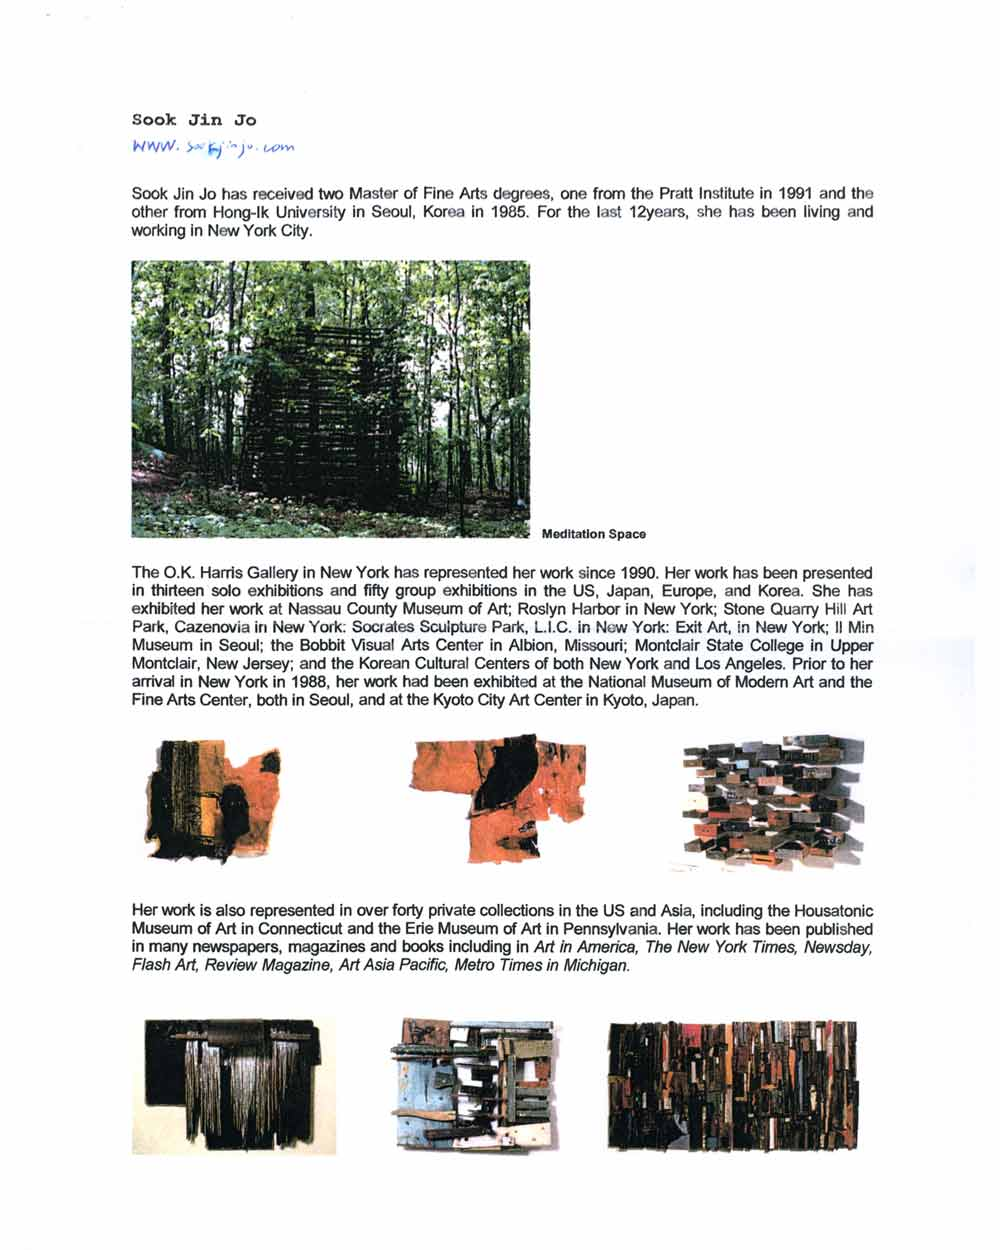 Sook Jin Jo's artist biography, pg 1